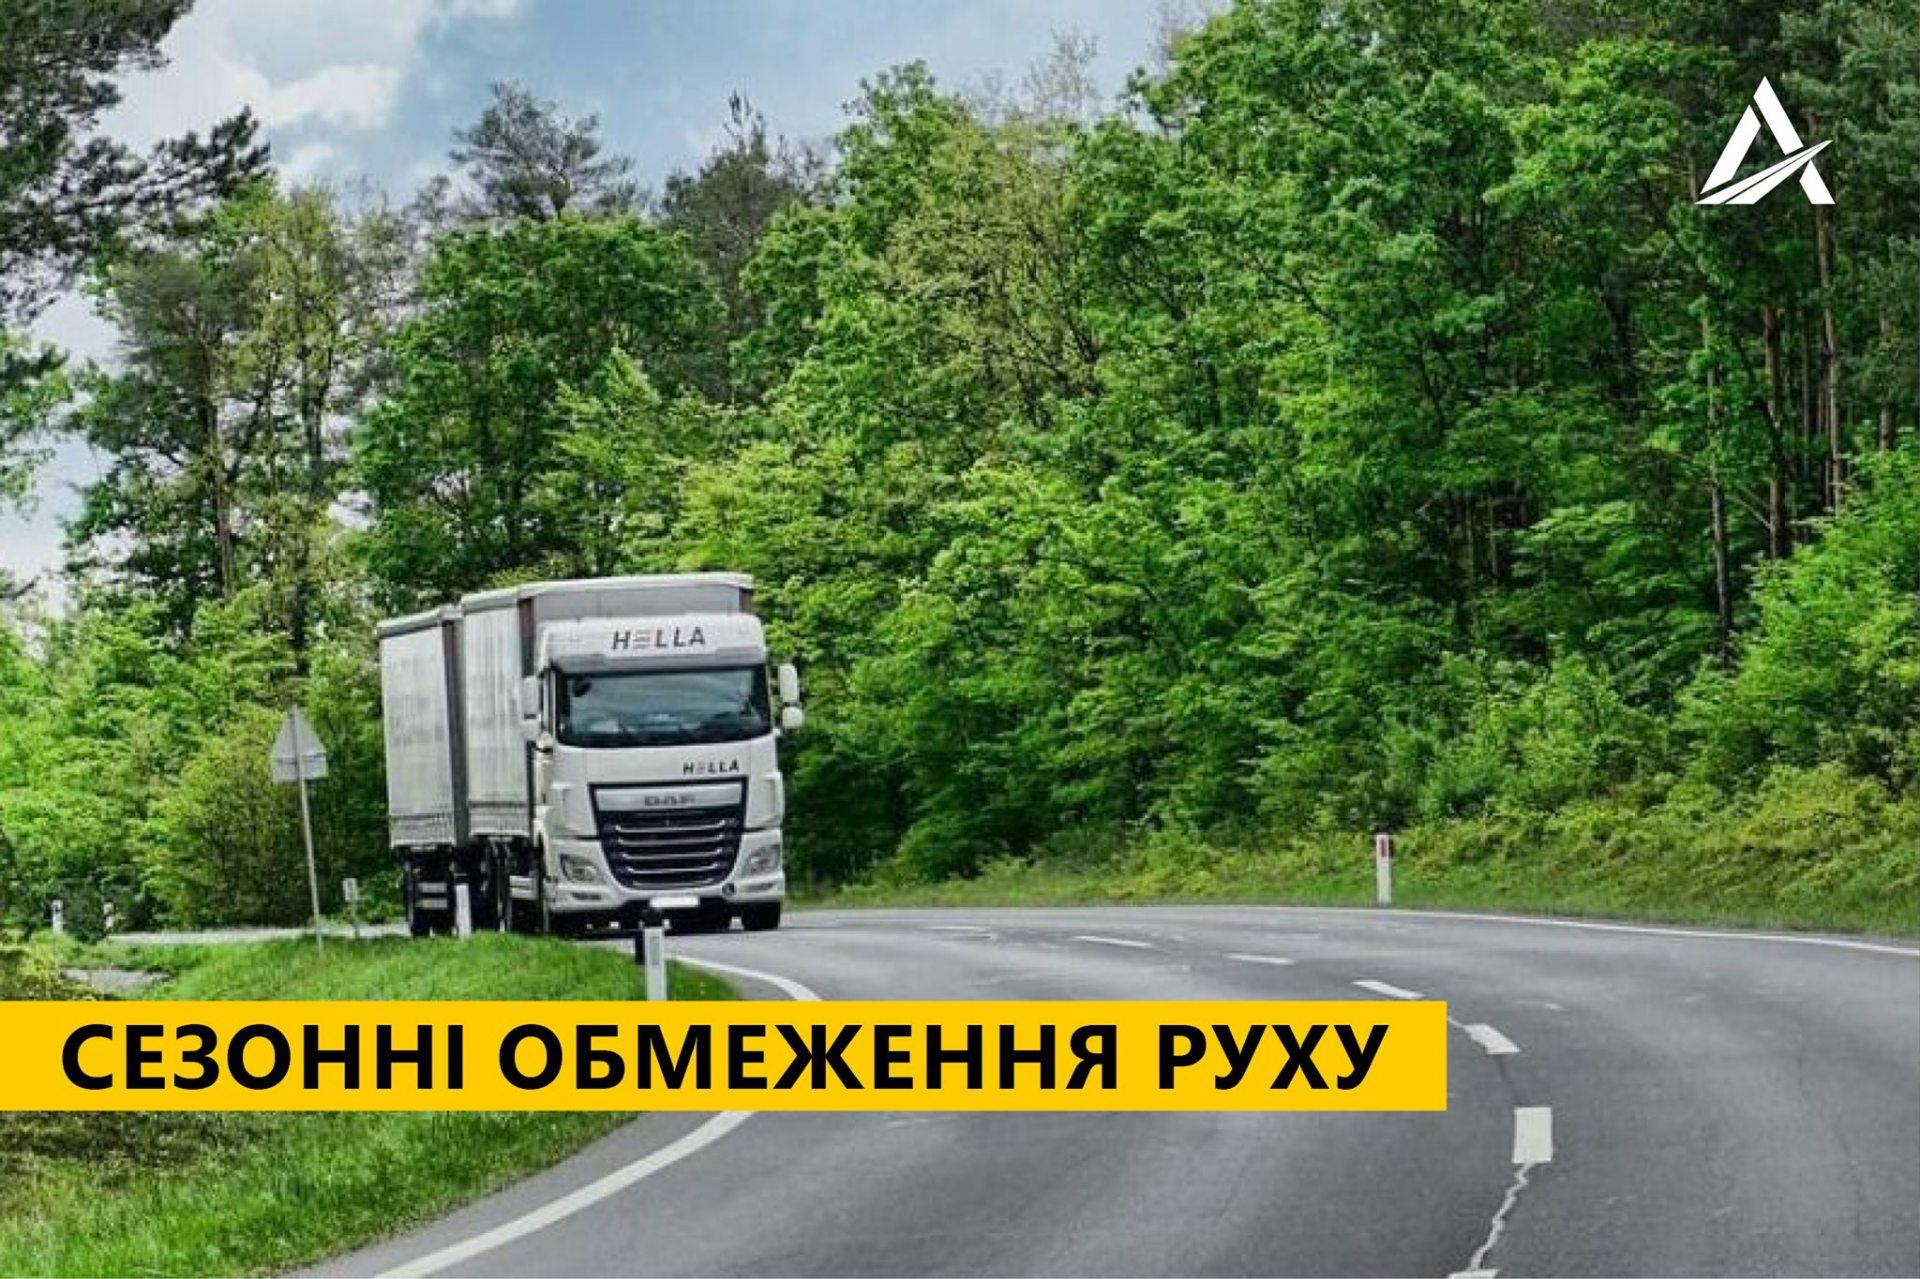 грузовики, ограничение, лето